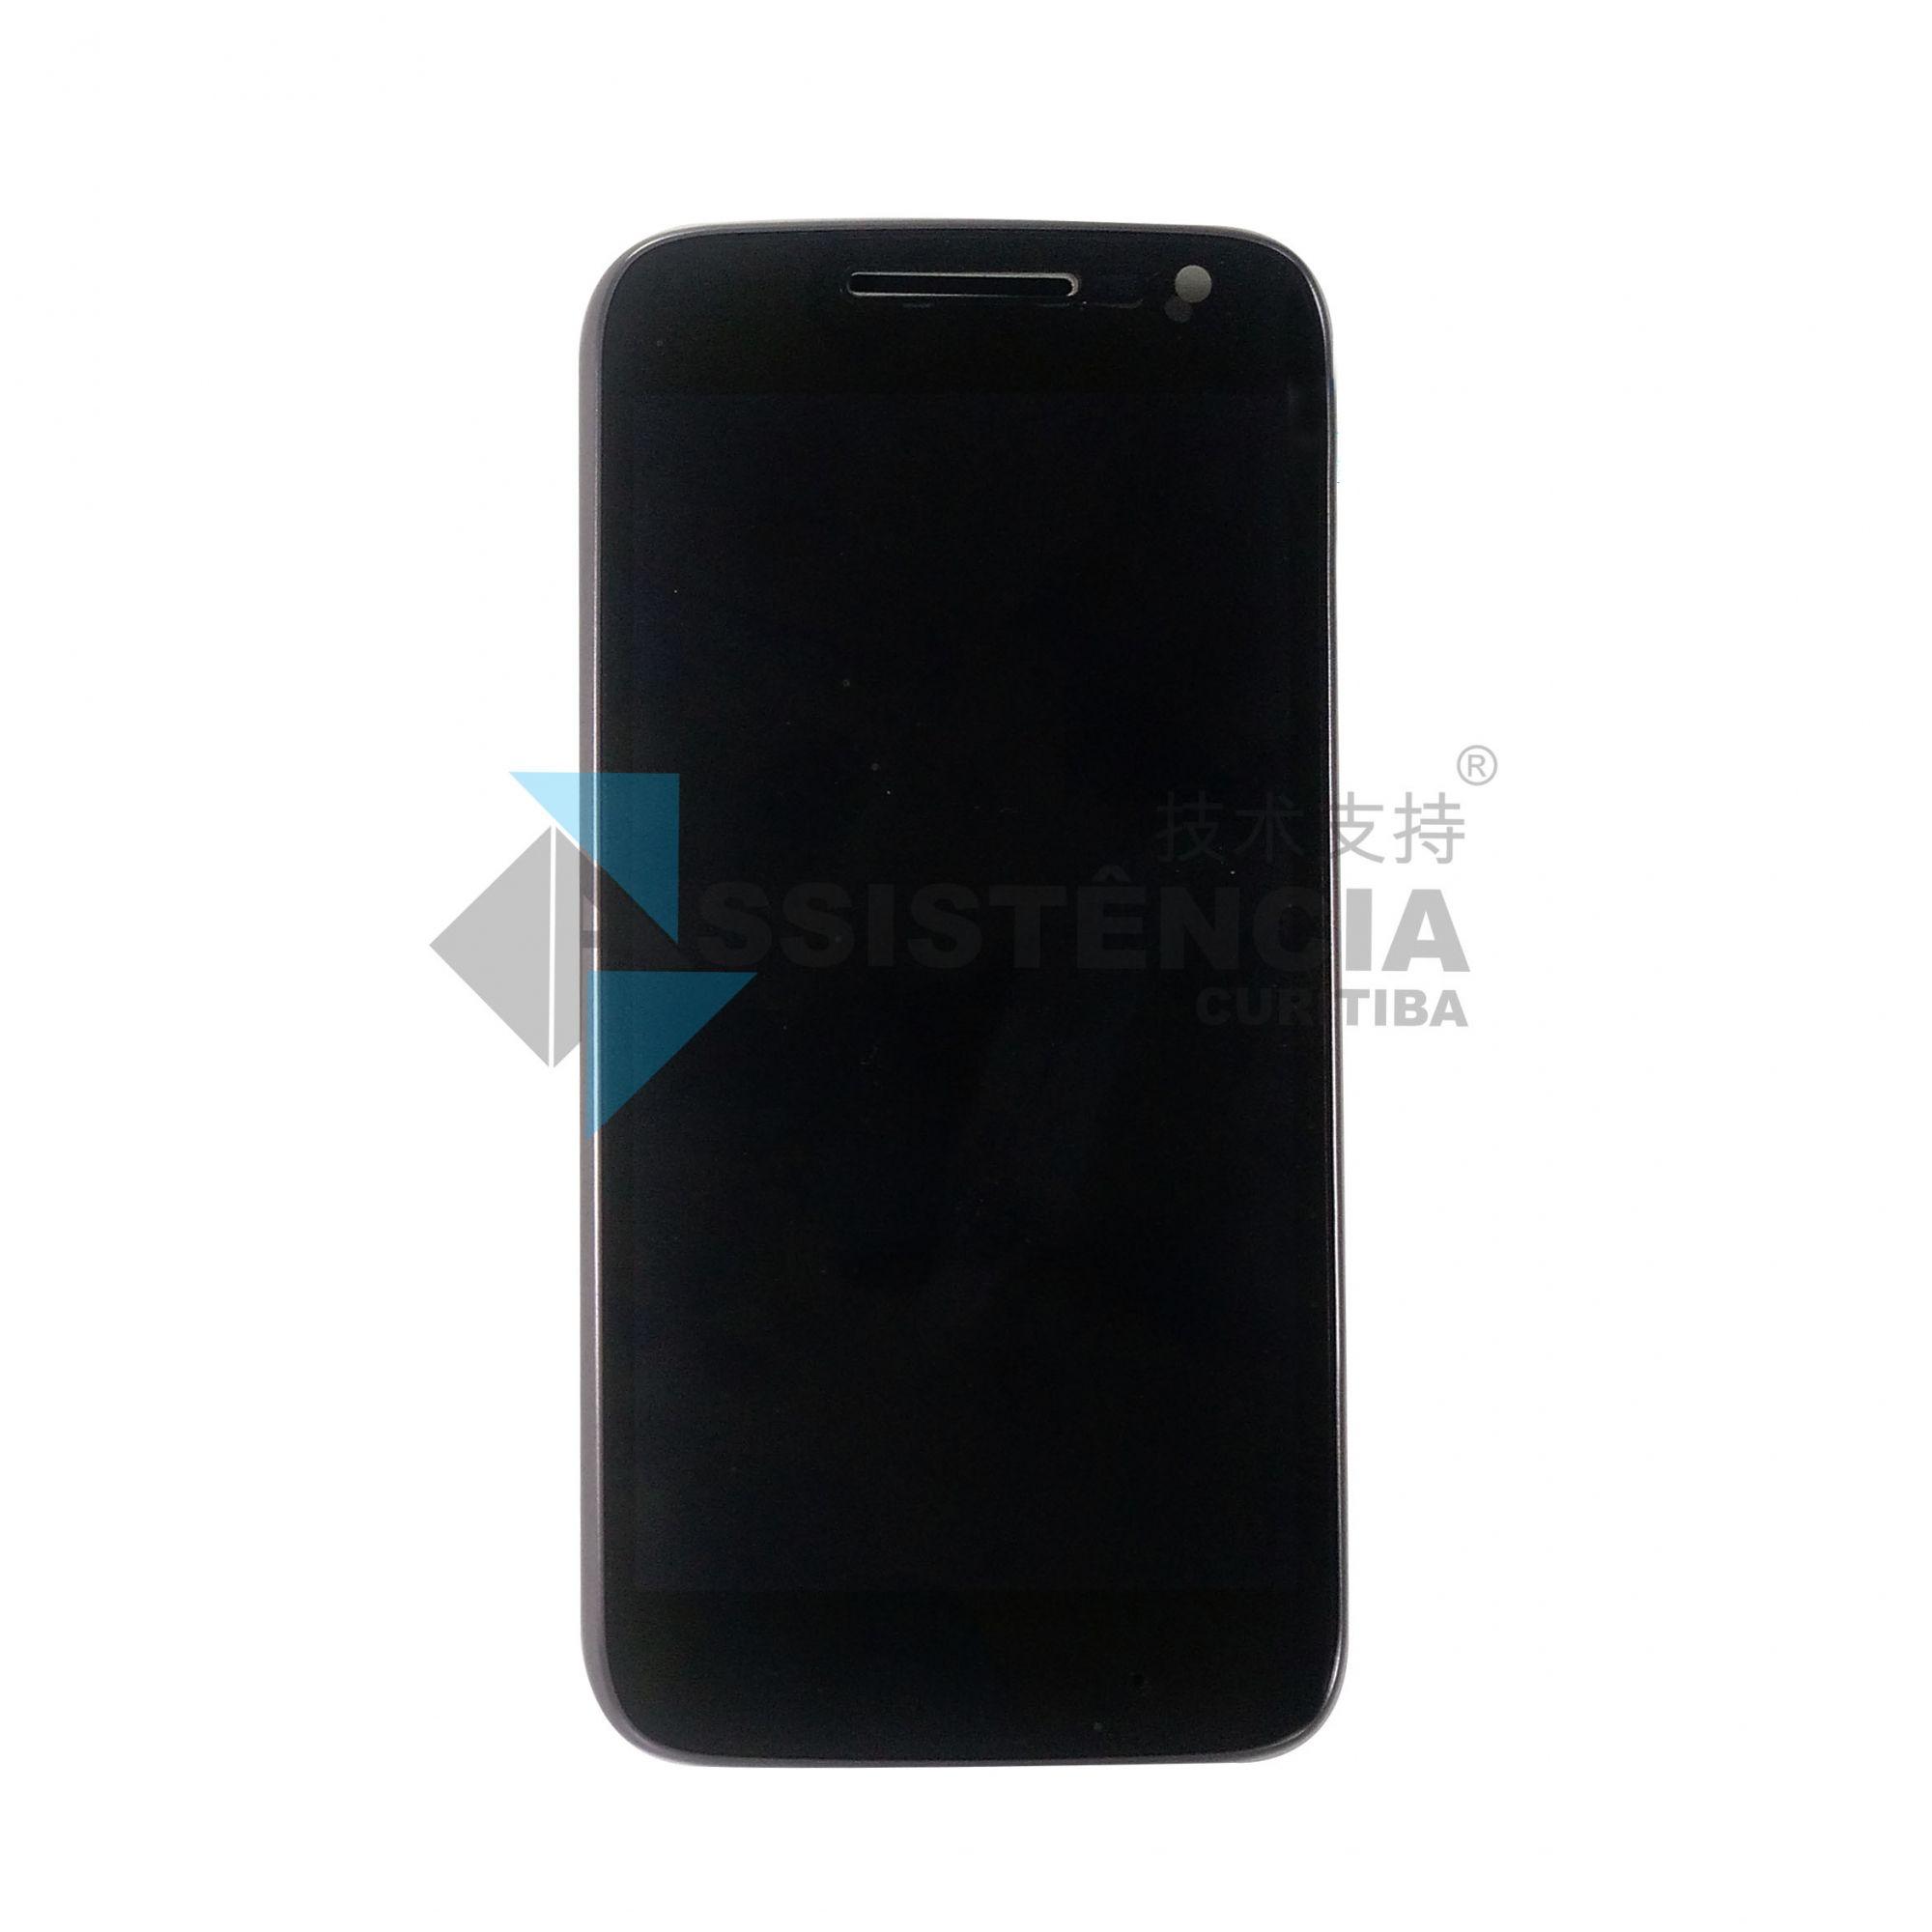 Tela Display Motorola Moto G4 Play Xt1600 Xt1603 Com Aro Preto